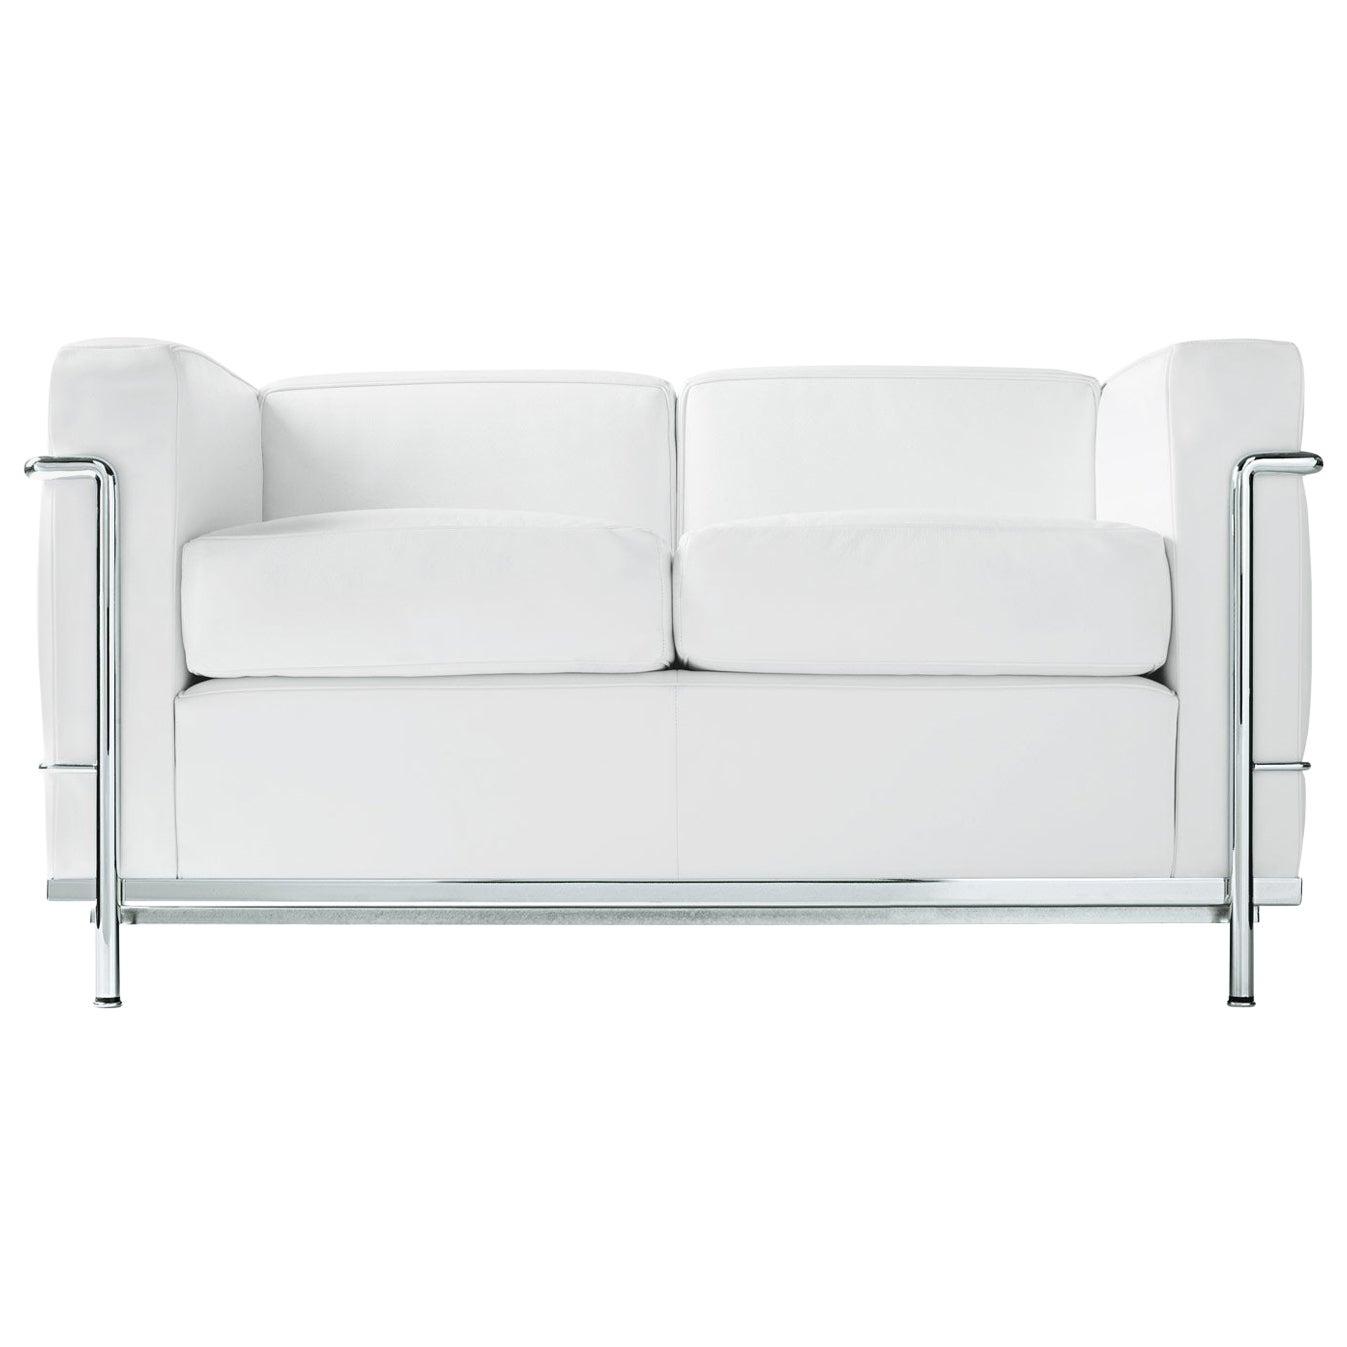 Le Corbusier, Pierre Jeanneret, Charlotte Perriand LC2 Divano Two-Seat Sofa